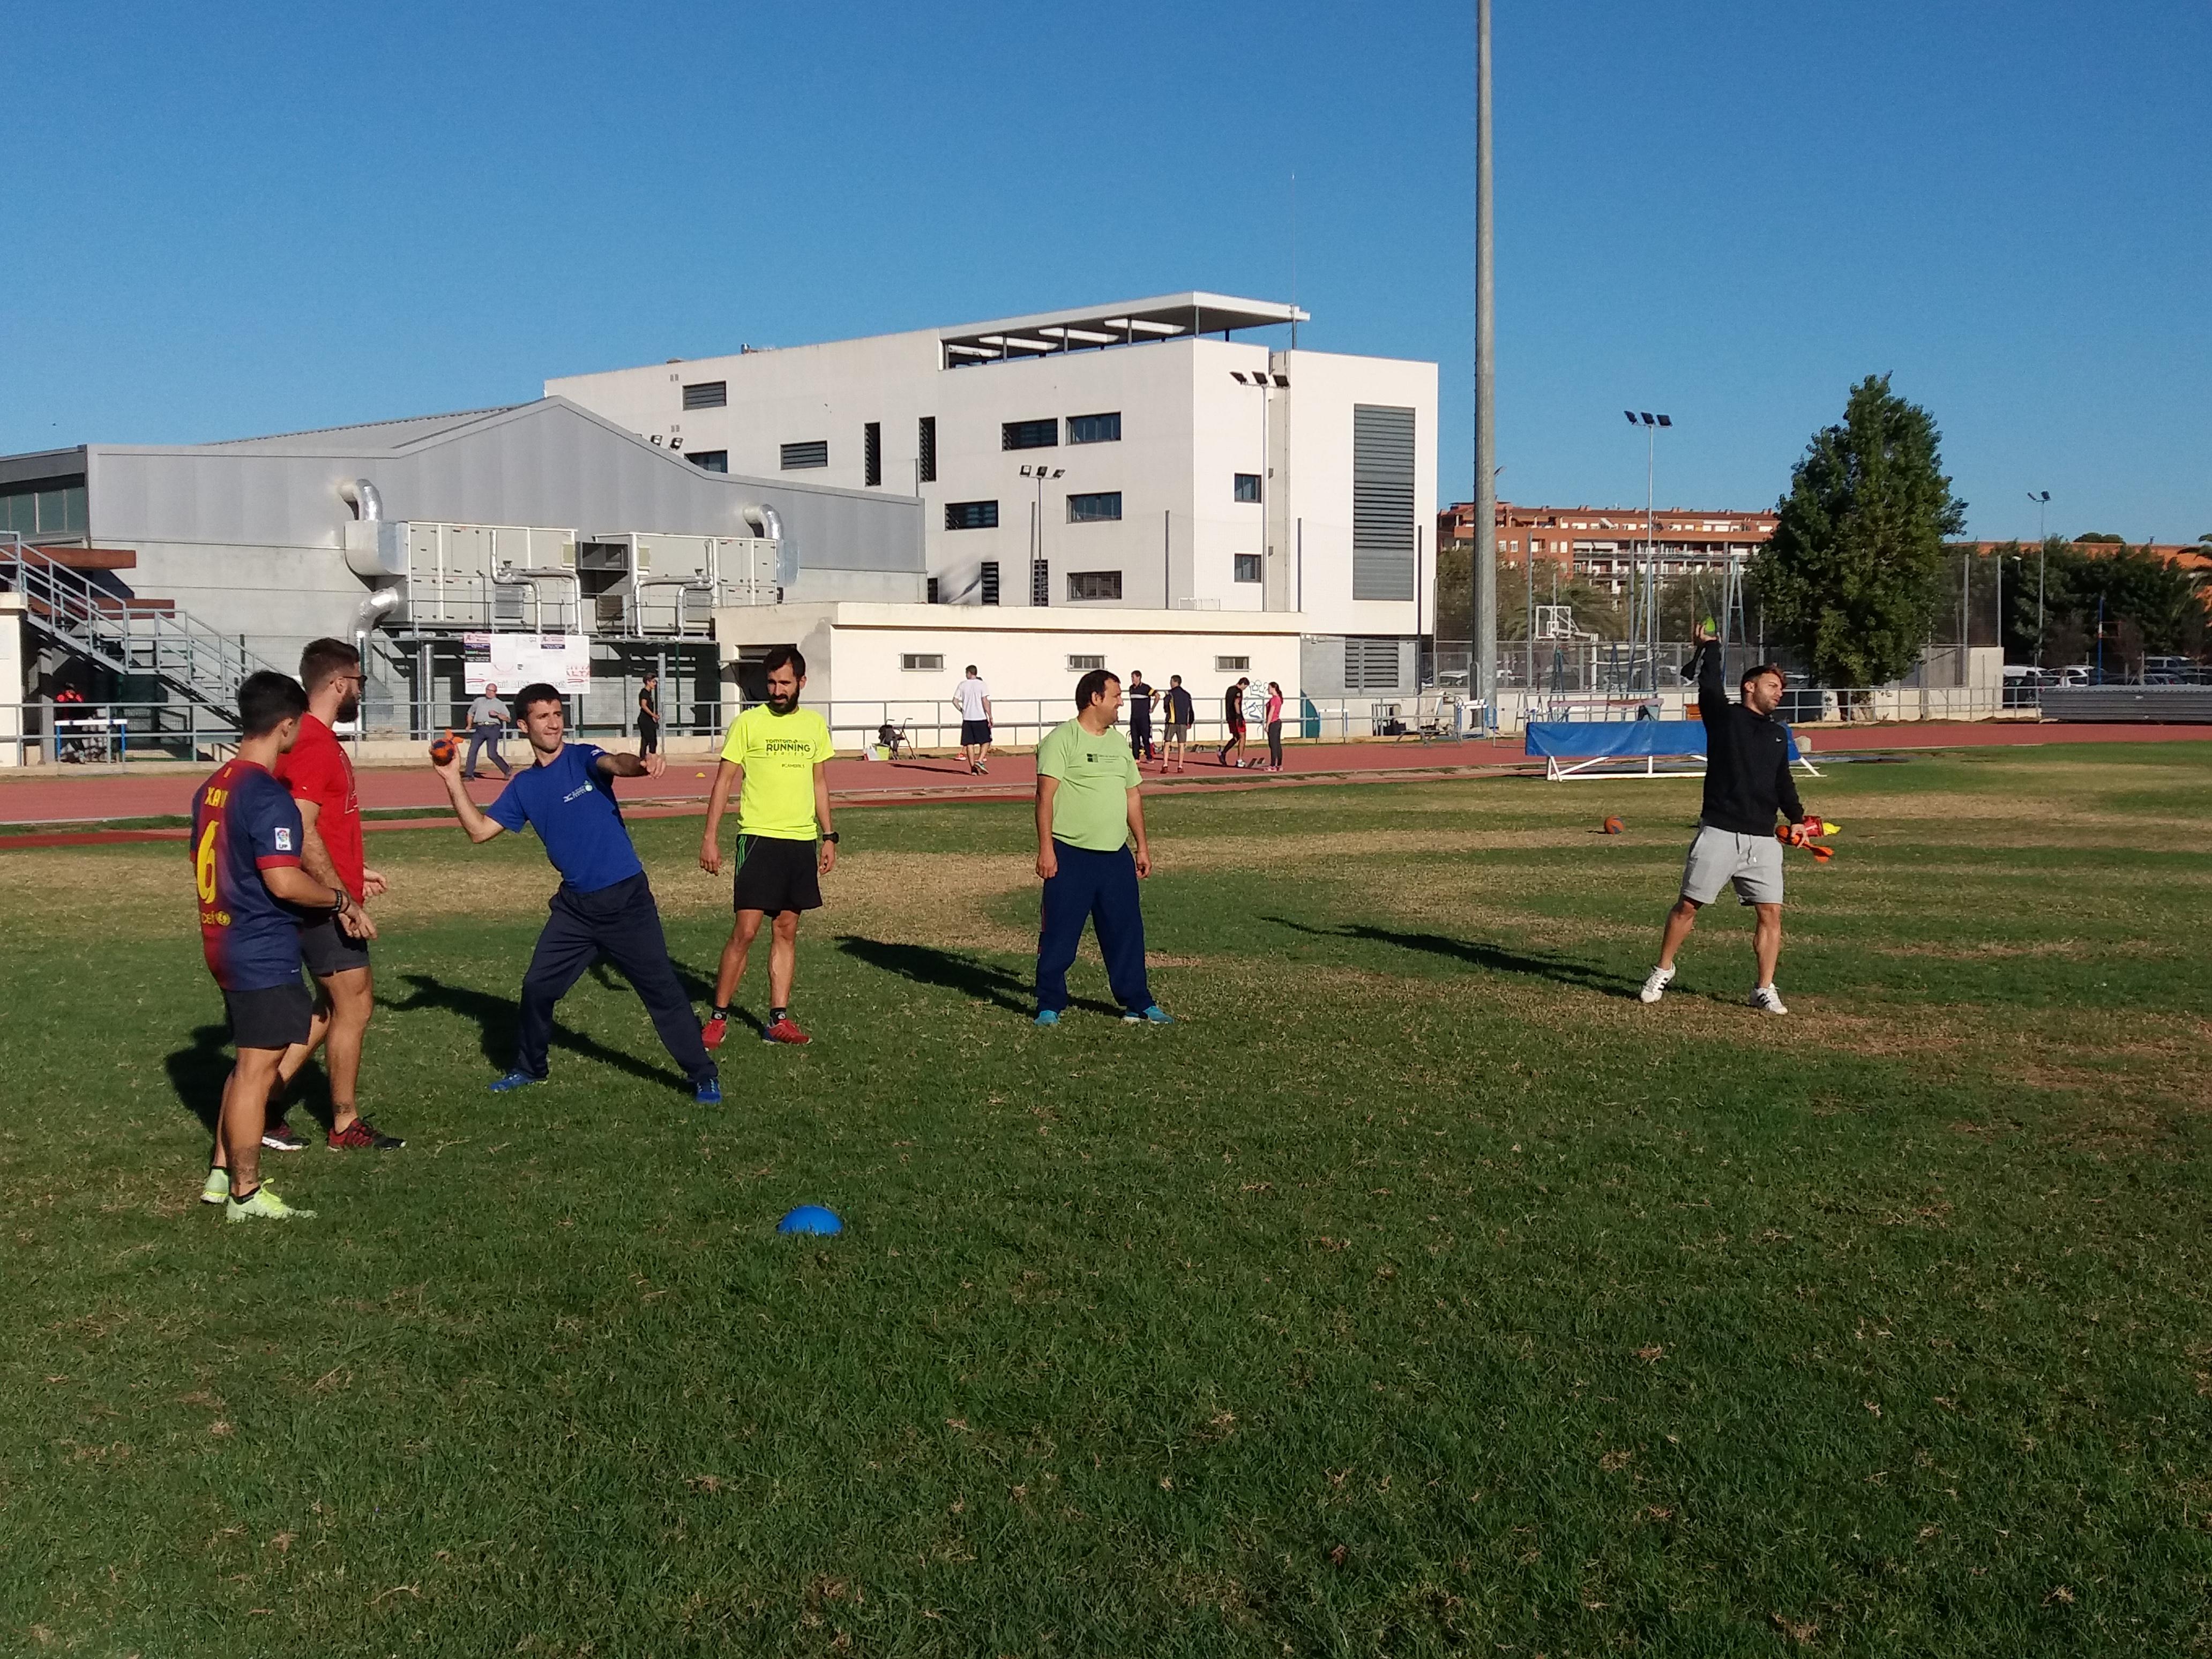 Estudiants de 3r de CAFE d'EUSES TE-URV posen en pràctica una sessió d'atletisme adaptat per als clients del Centre la Duna de Deltebre